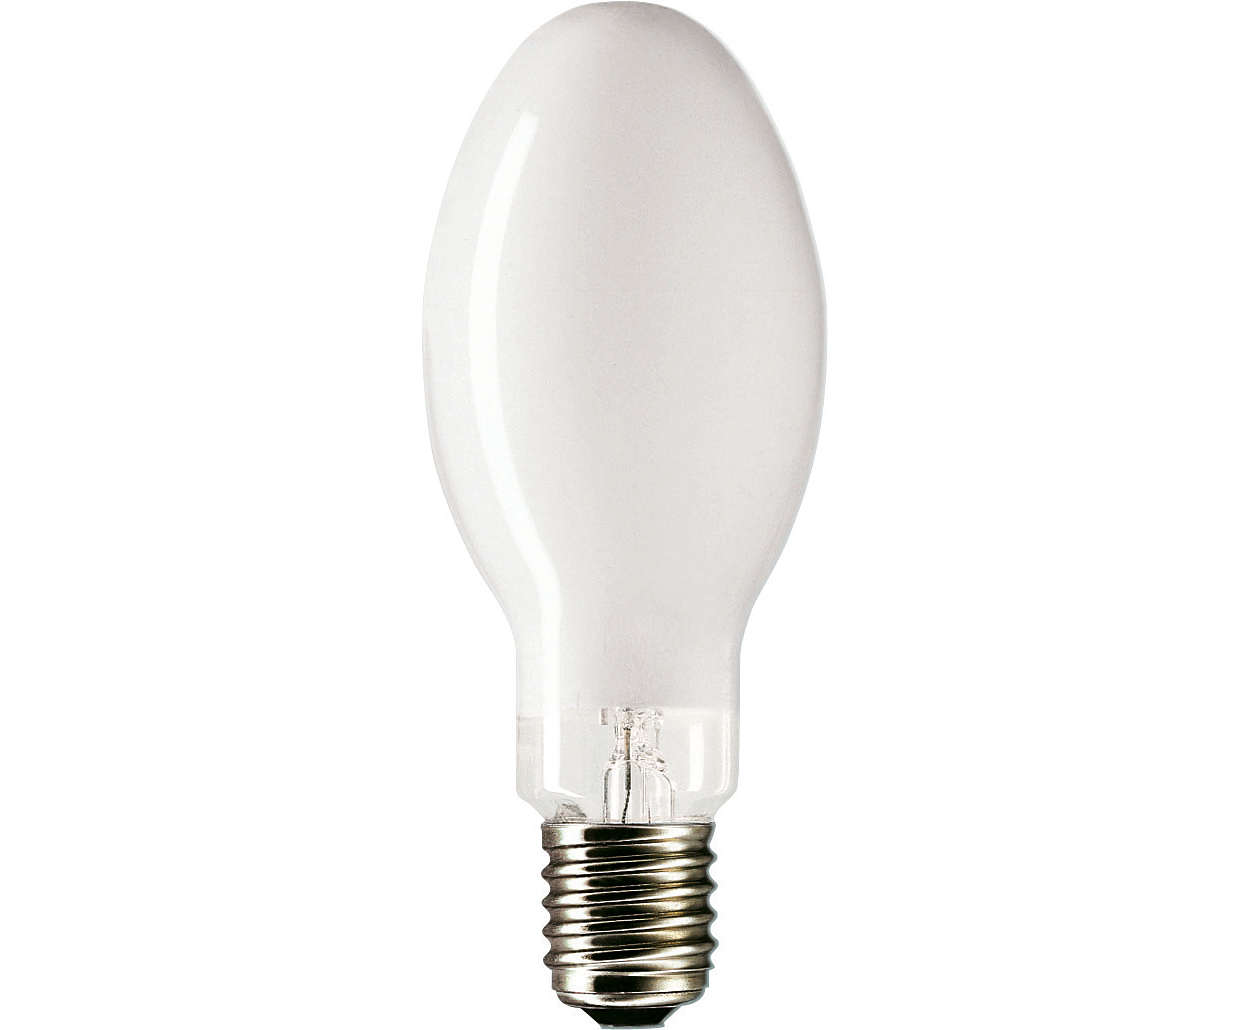 O jeito mais fácil de mudar para luz branca confortável.